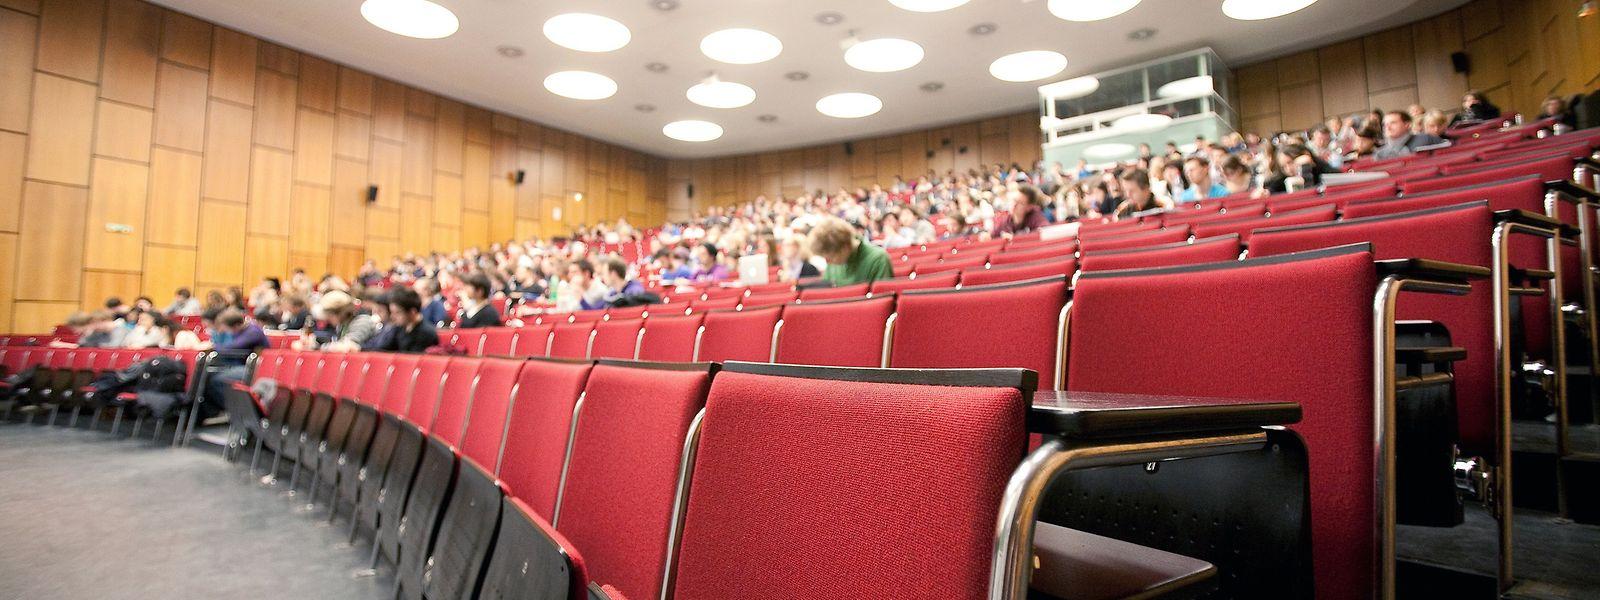 80 Prozent der Luxemburger Studenten gehen zum Studieren ins Ausland. Viele kehren nach ihrem Studium nicht nach Luxemburg zurück. Dieses Problem wurde Anfang Oktober bei der REEL in München diskutiert.